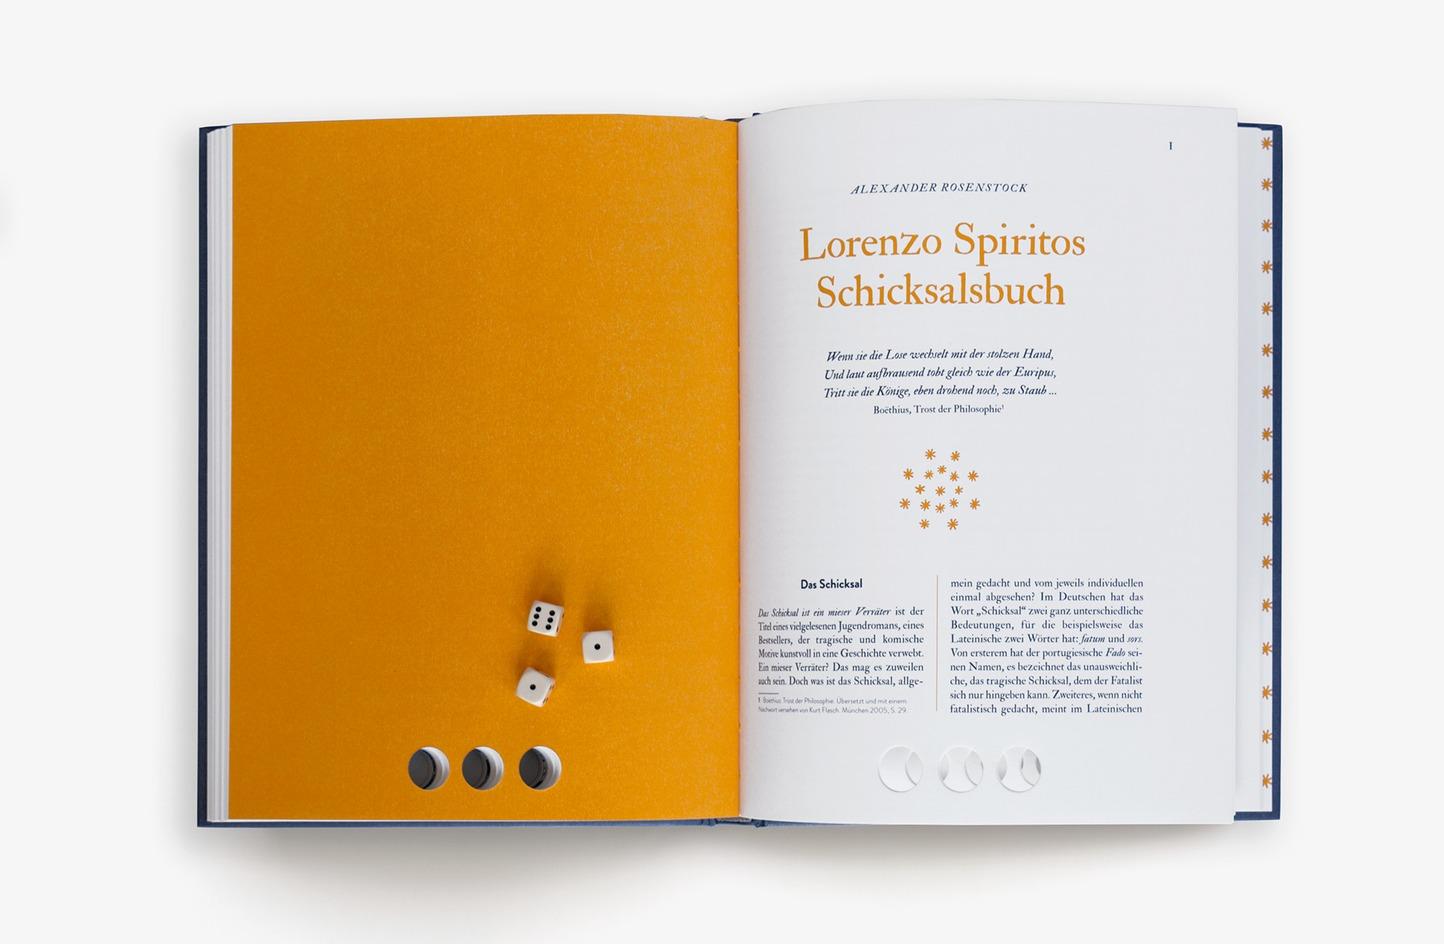 Libro / Book